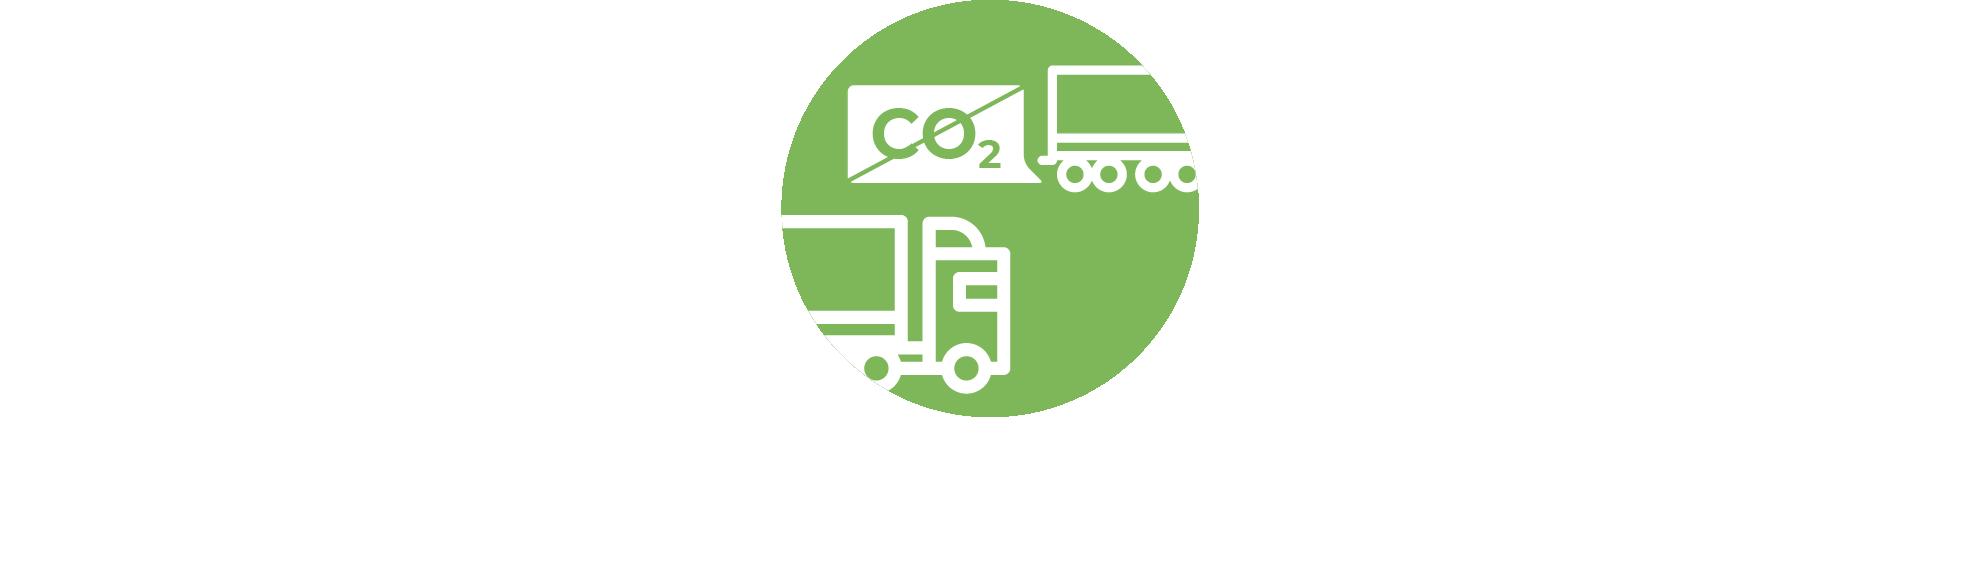 CO2-effiziente und Nullemissions-LKW